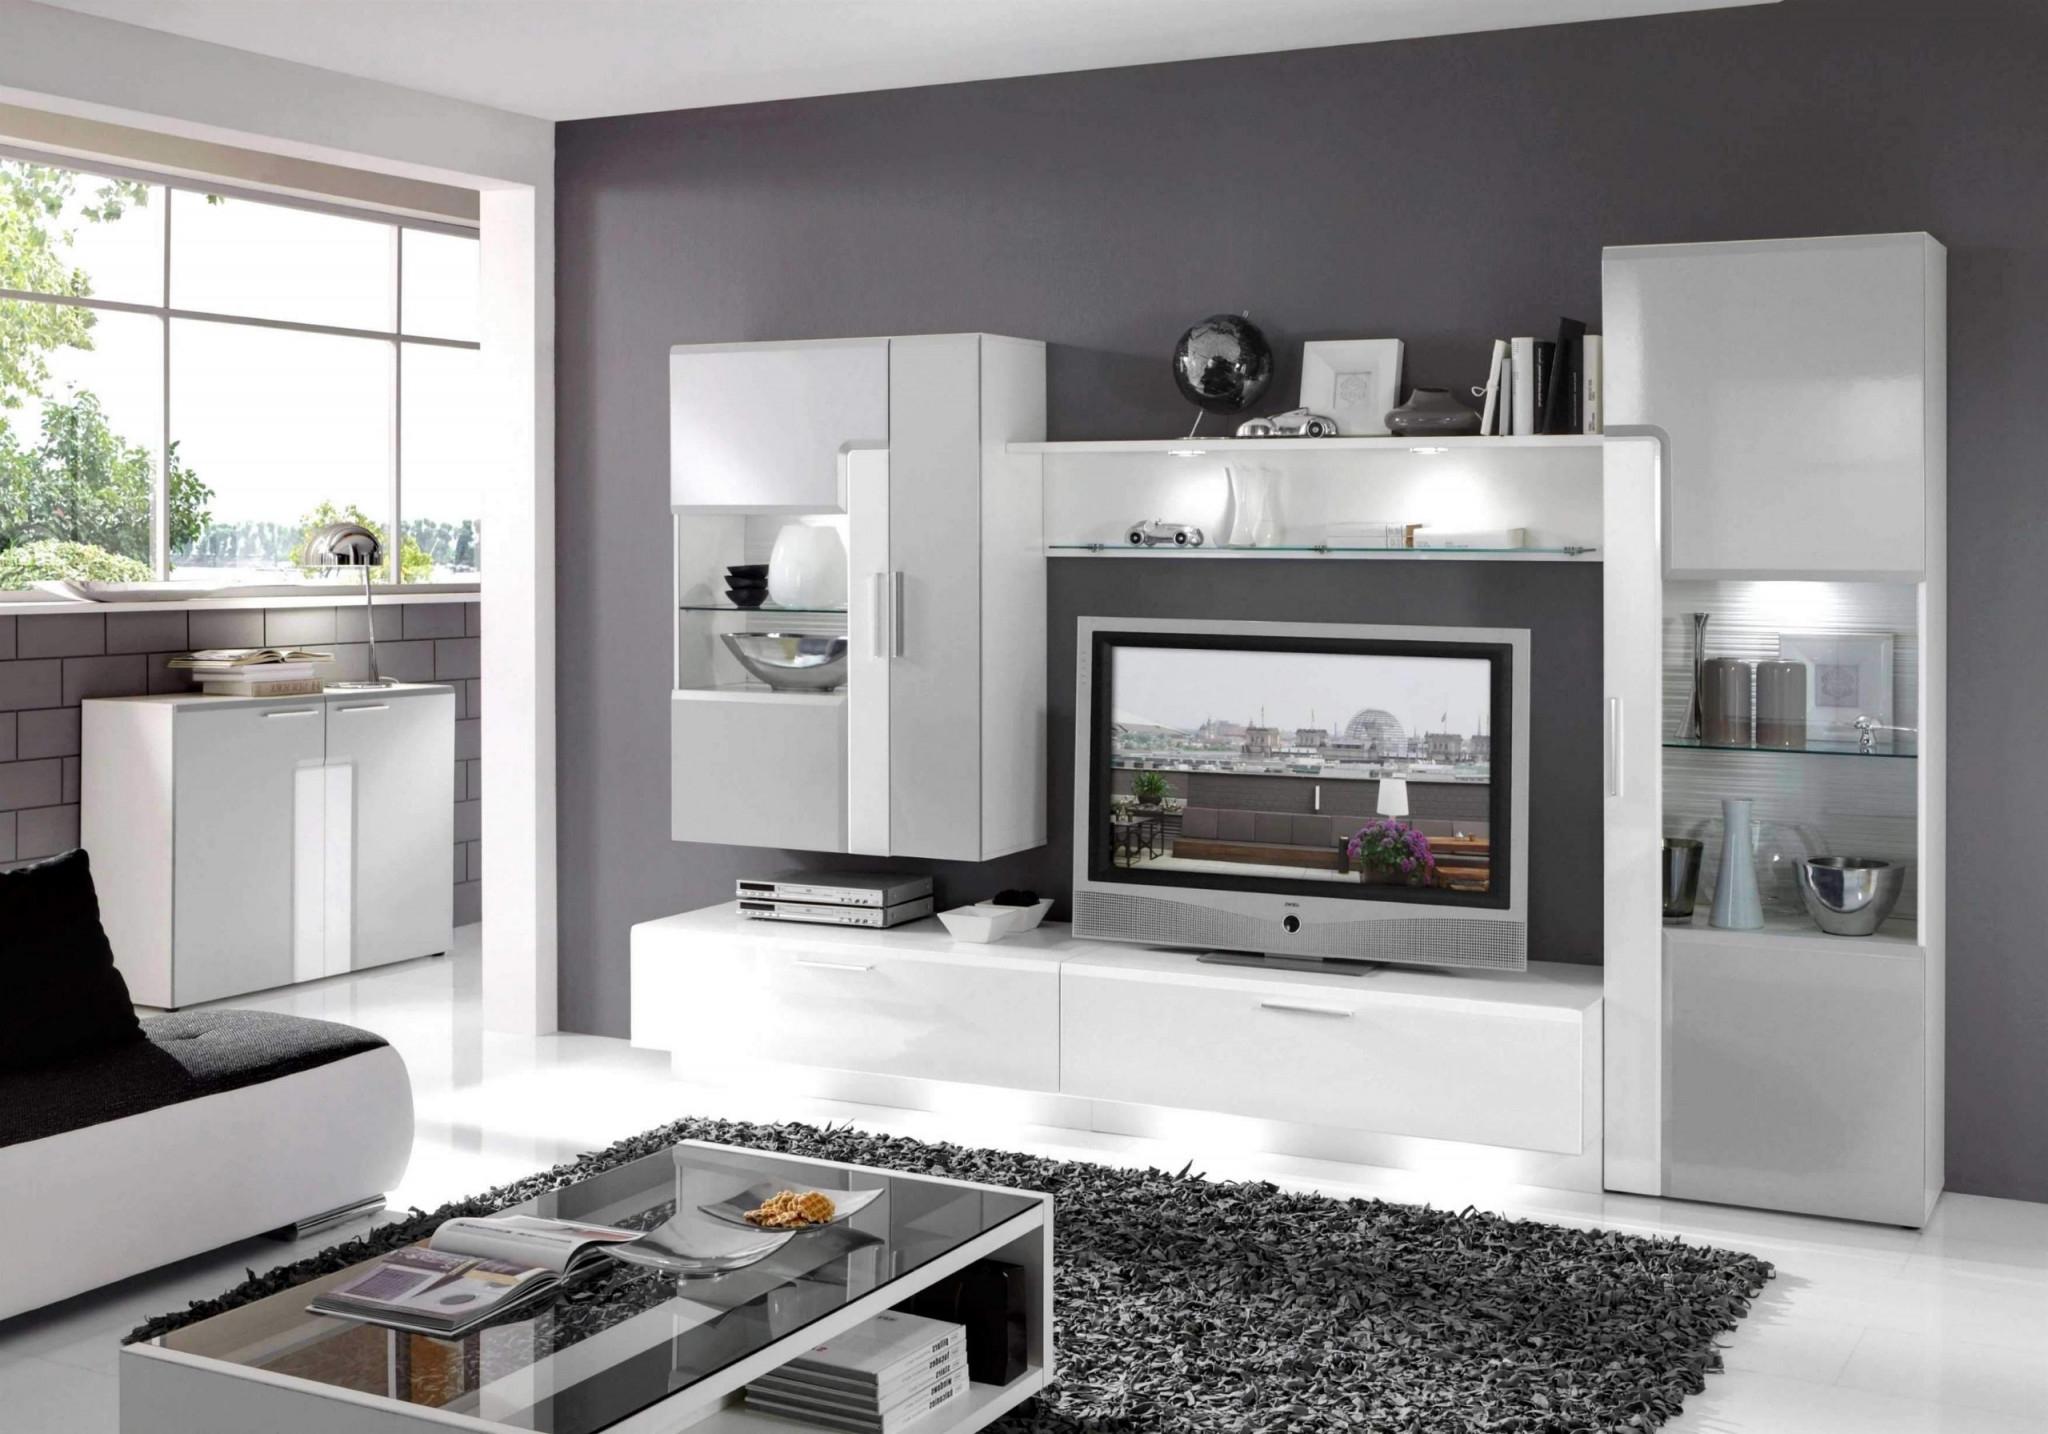 Wohnzimmer Gestalten Grau Das Beste Von 40 Einzigartig Von von Wohnzimmer Gestalten Grau Photo